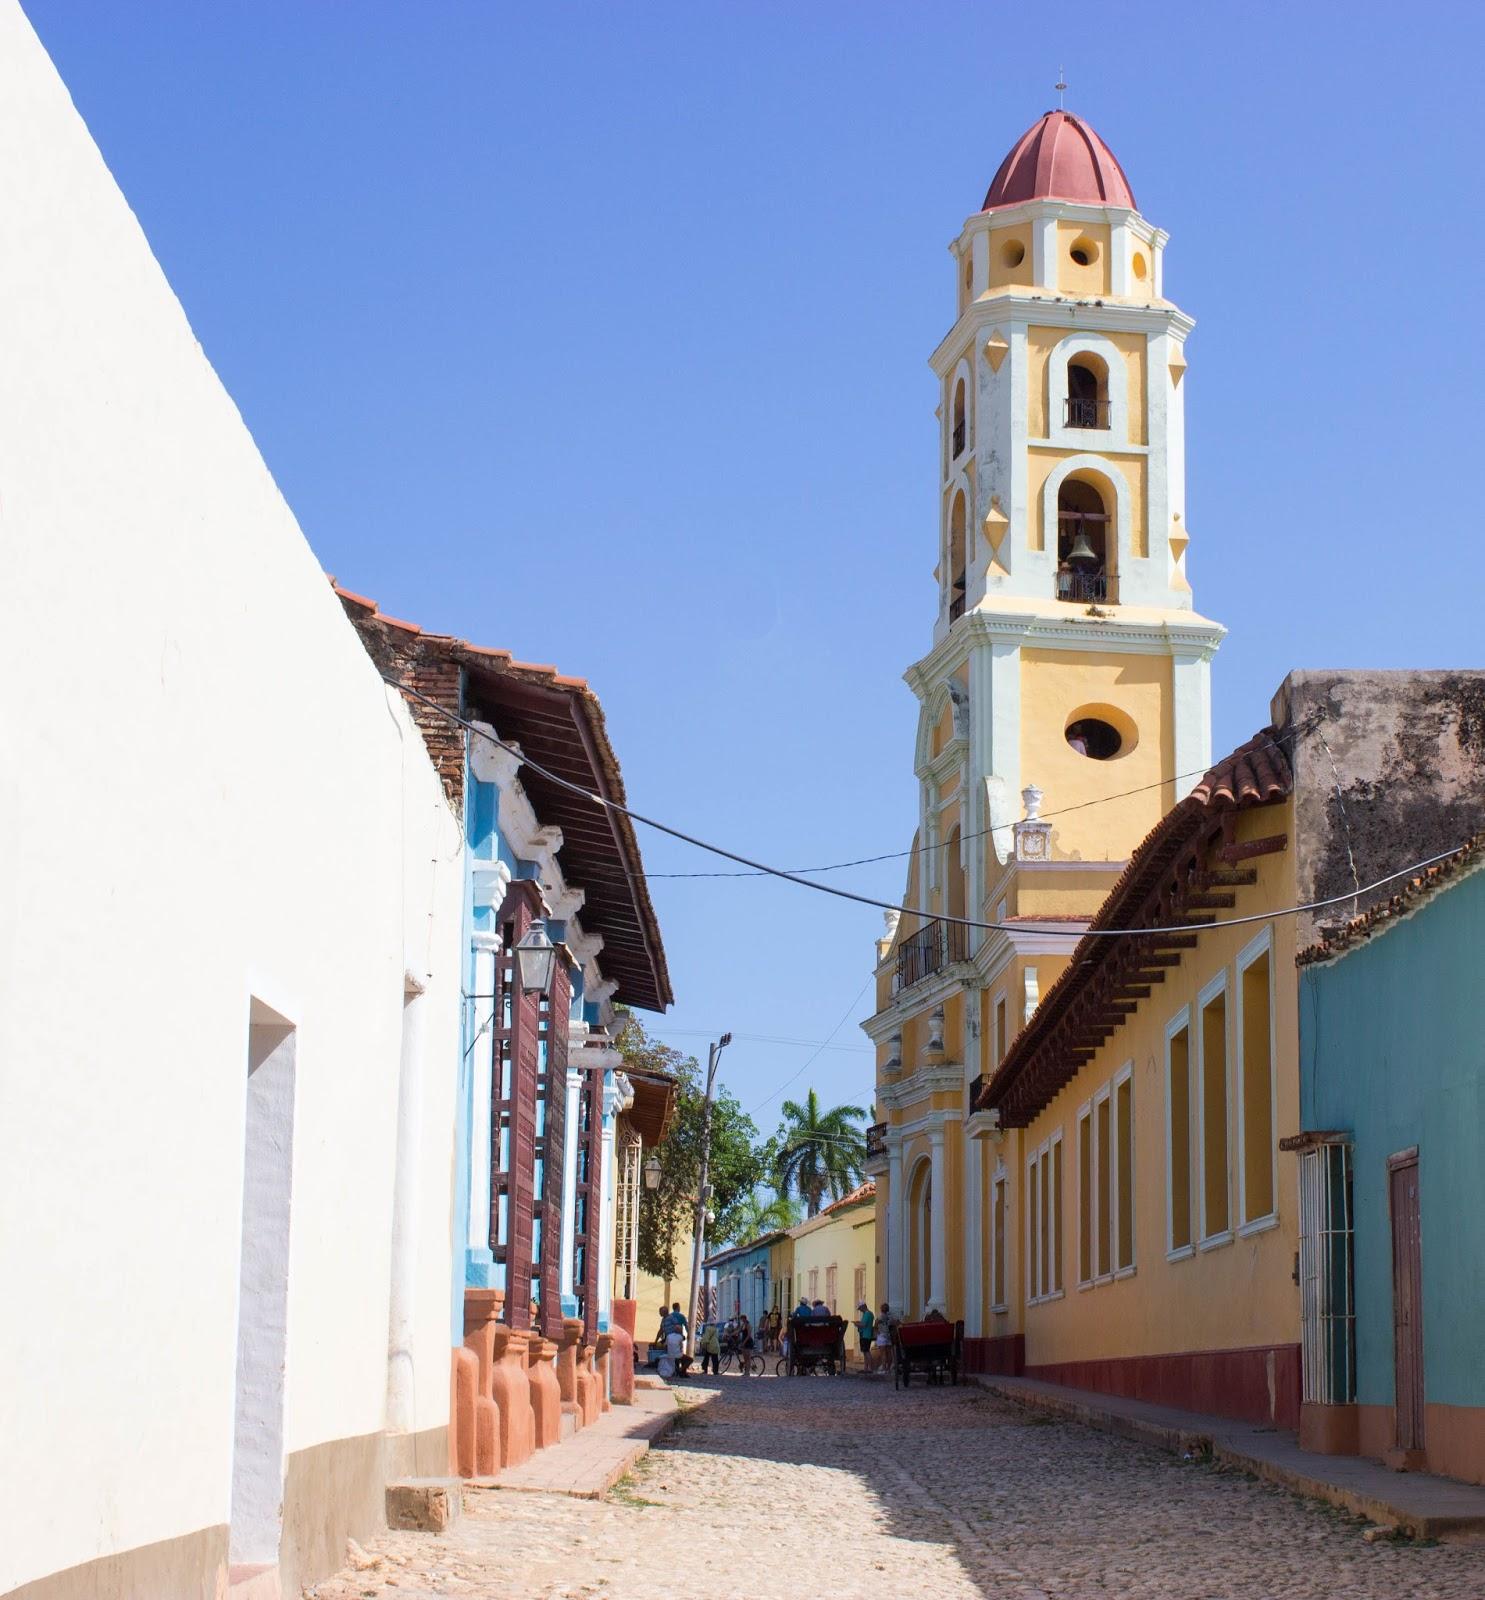 Trinidad_Cuba_Travel_Guide28229